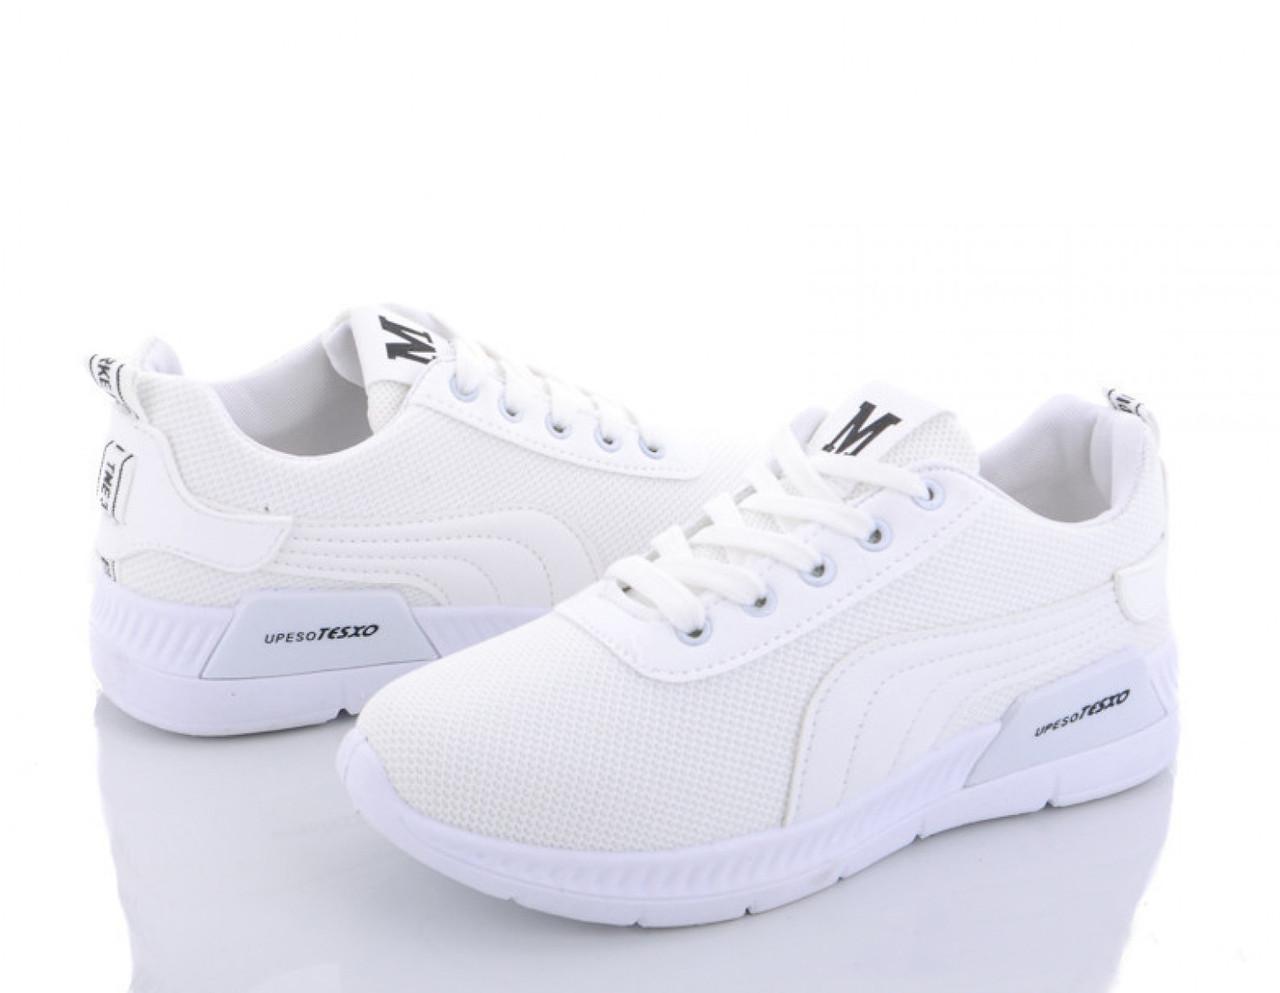 Женские белые кроссовки из плотной сетки MFashion Upeso Tesxo 40 р. - 24 см (1173687649)